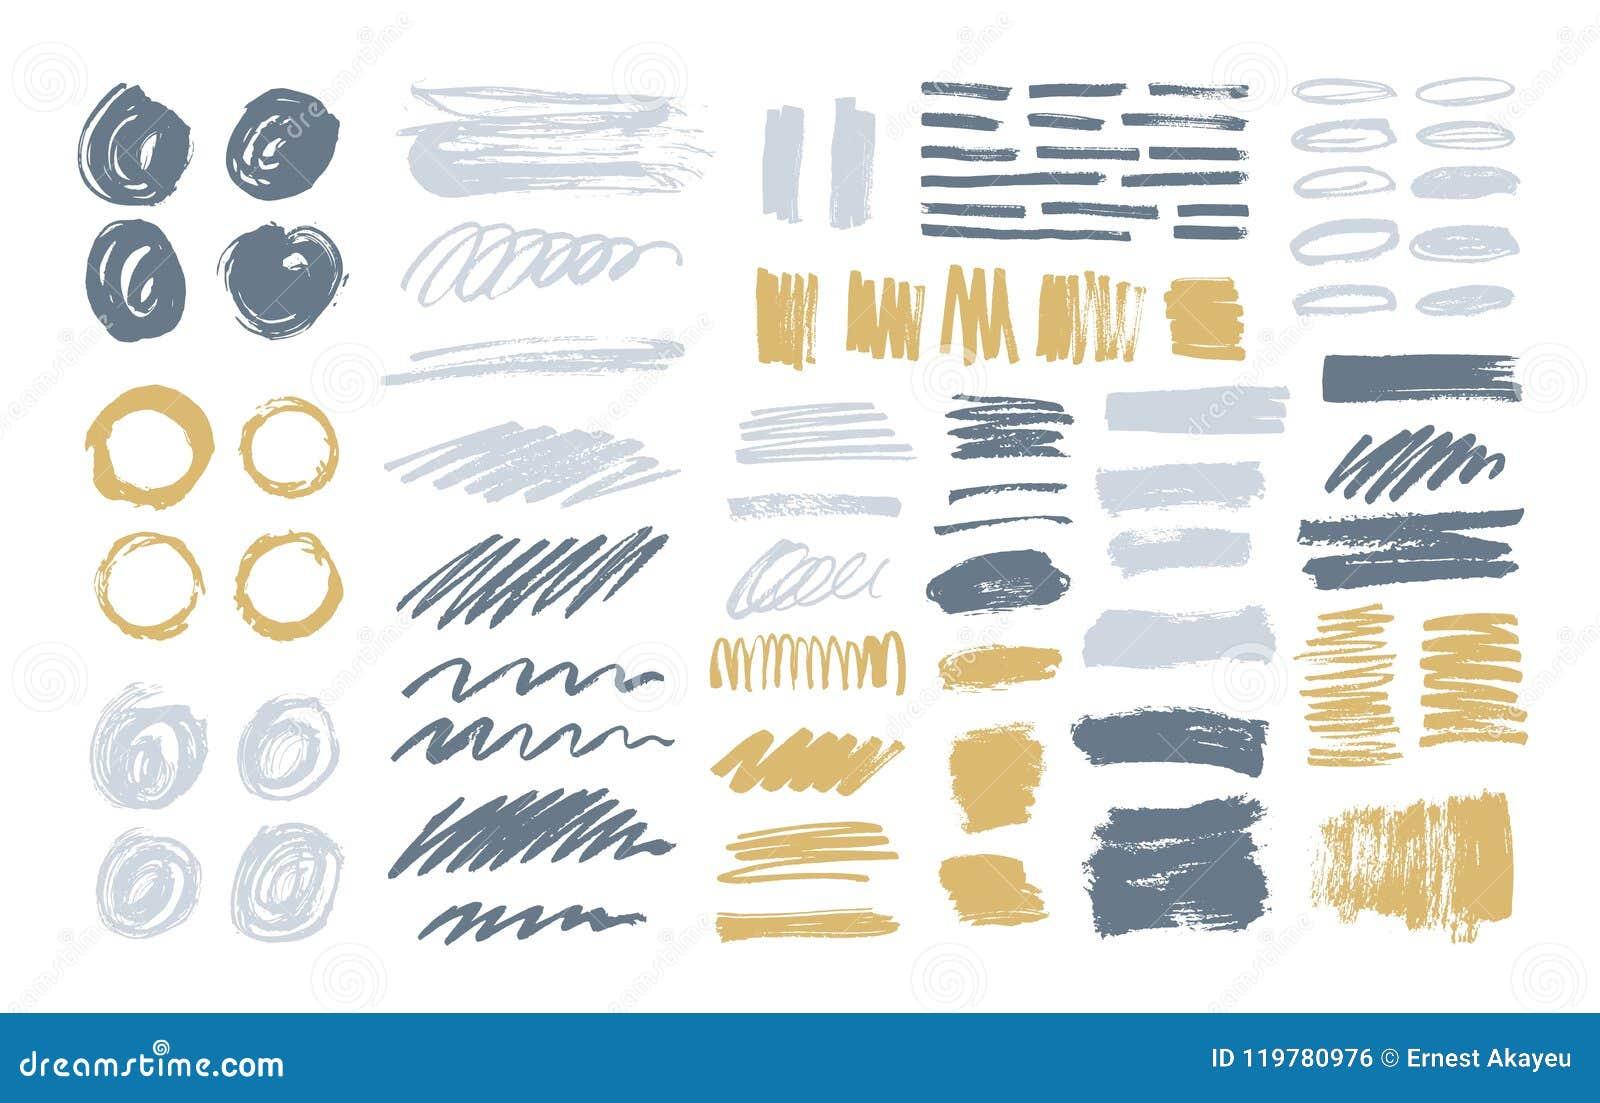 El paquete de movimientos coloridos del cepillo, pintura remonta, mancha, las manchas, manchas, garabato aislado en el fondo blan